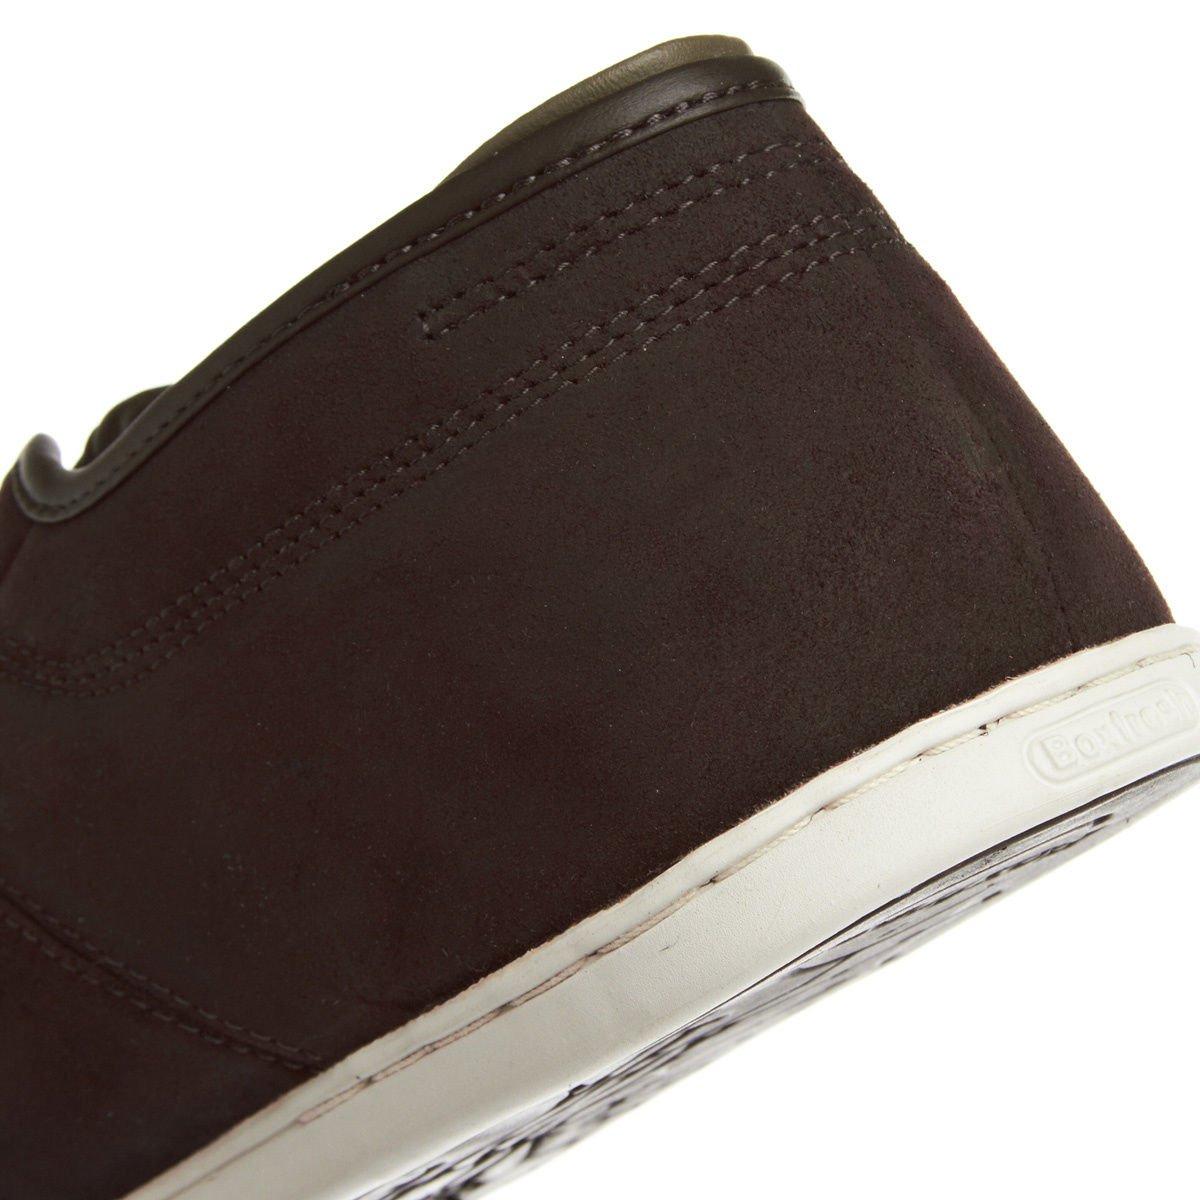 Wxd Sneaker Sparko Dark Sde Cm Boxfresh Men Brown hdsQrtC